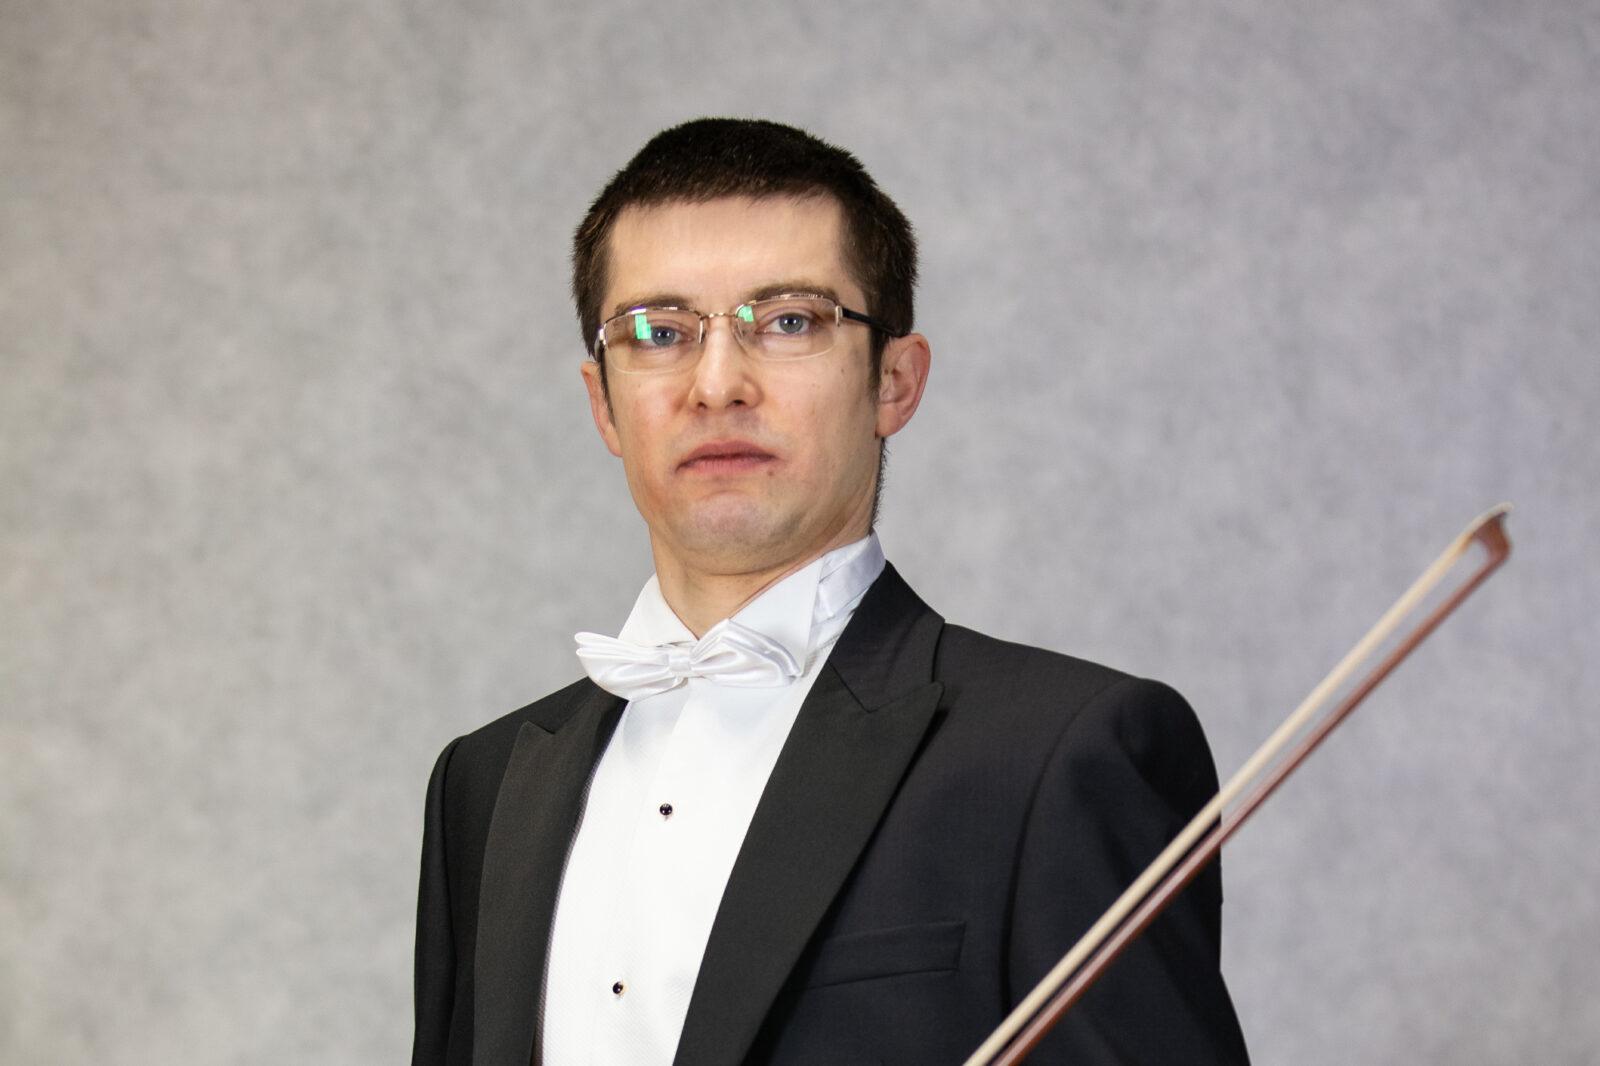 Wojciech Brodowski